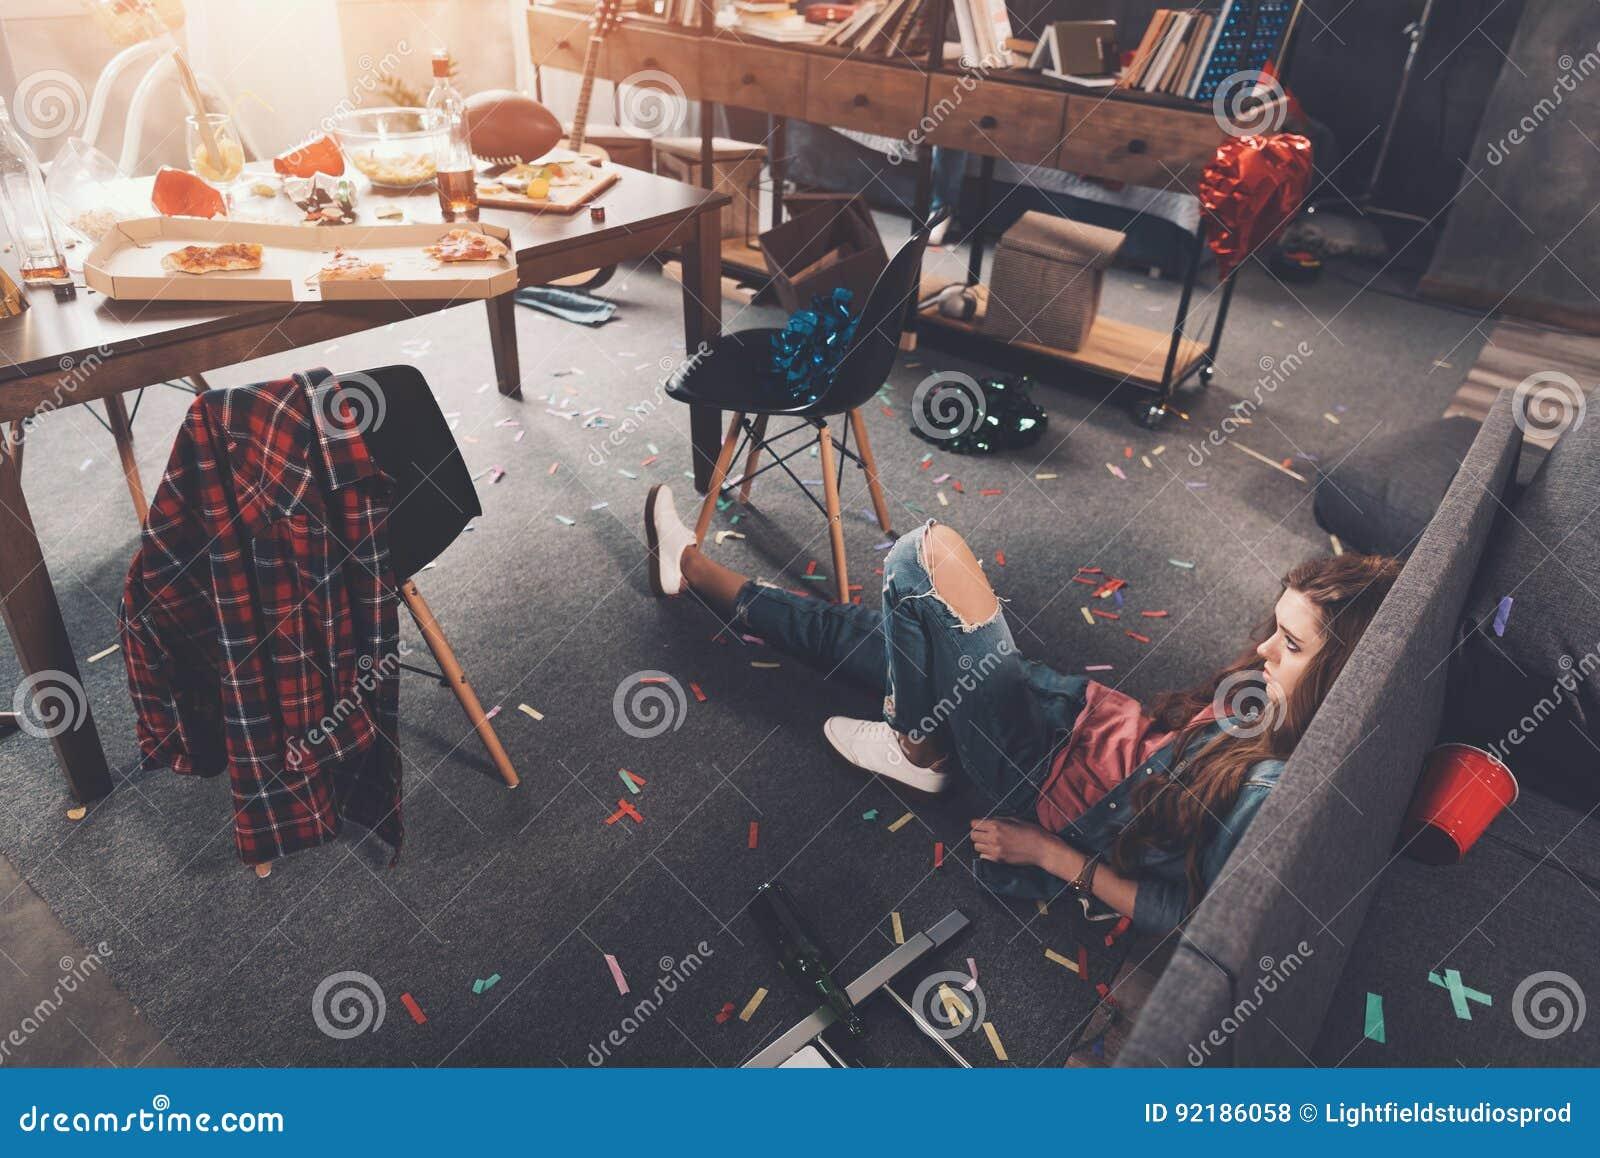 Dronken jonge vrouw die op vloer in slordige ruimte na partij liggen